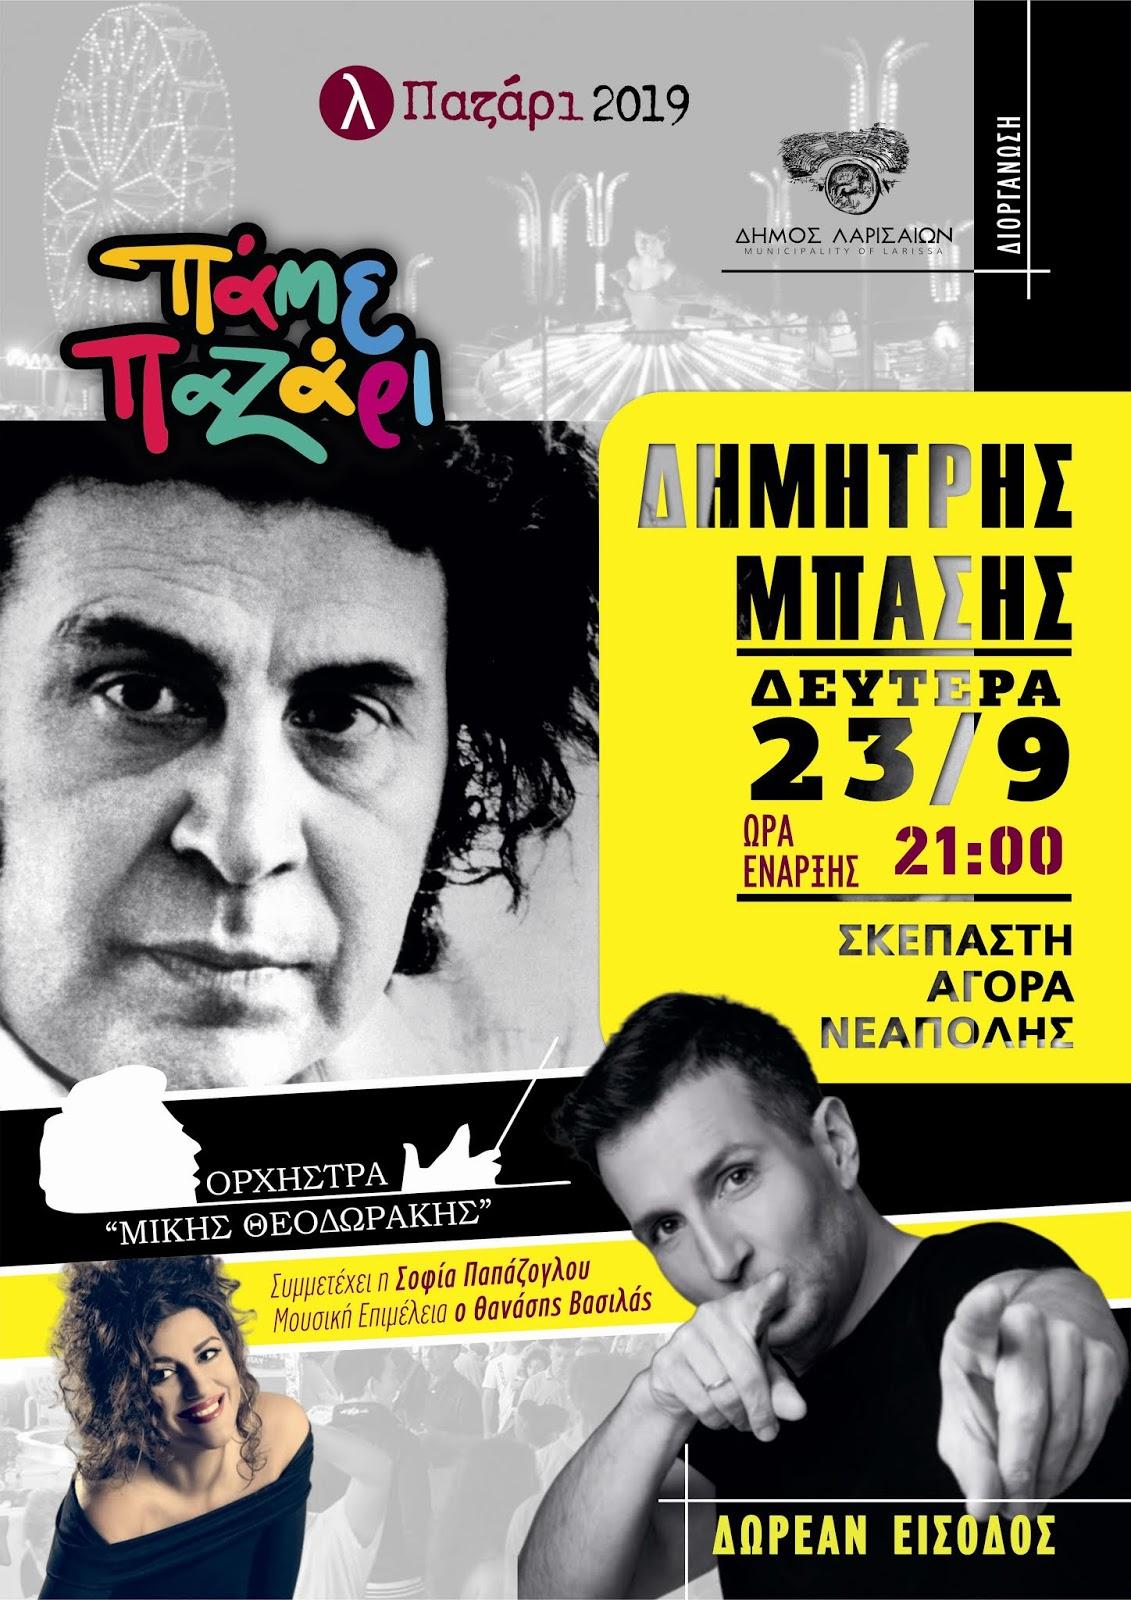 Με τη μεγάλη συναυλία του Δημήτρη Μπάση ανοίγει τη Δευτέρα το Παζάρι Λάρισας